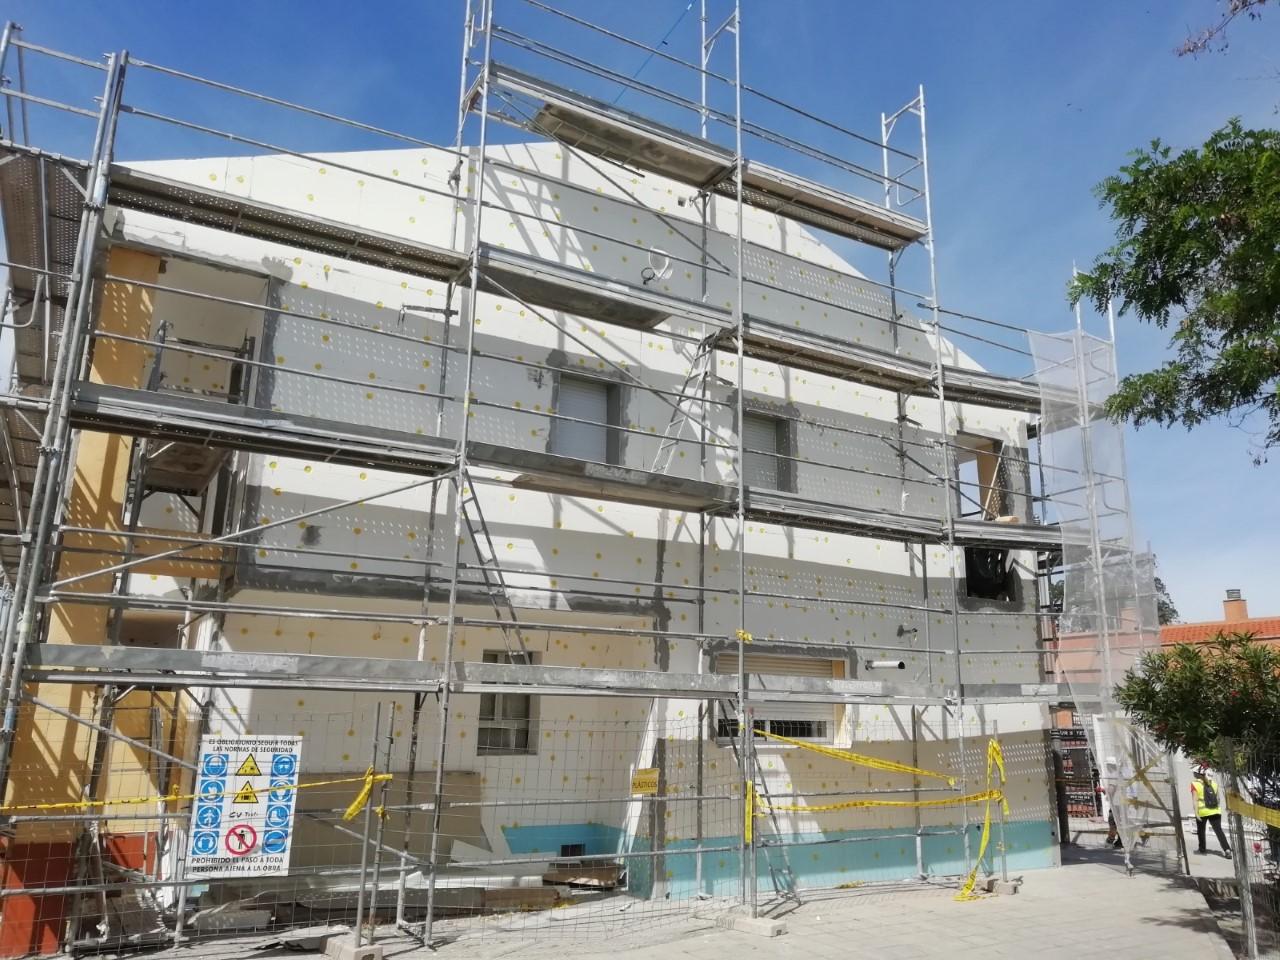 La Junta retoma obras en viviendas de Guadix y Cortes y Graena interrumpidas por el Covid-19